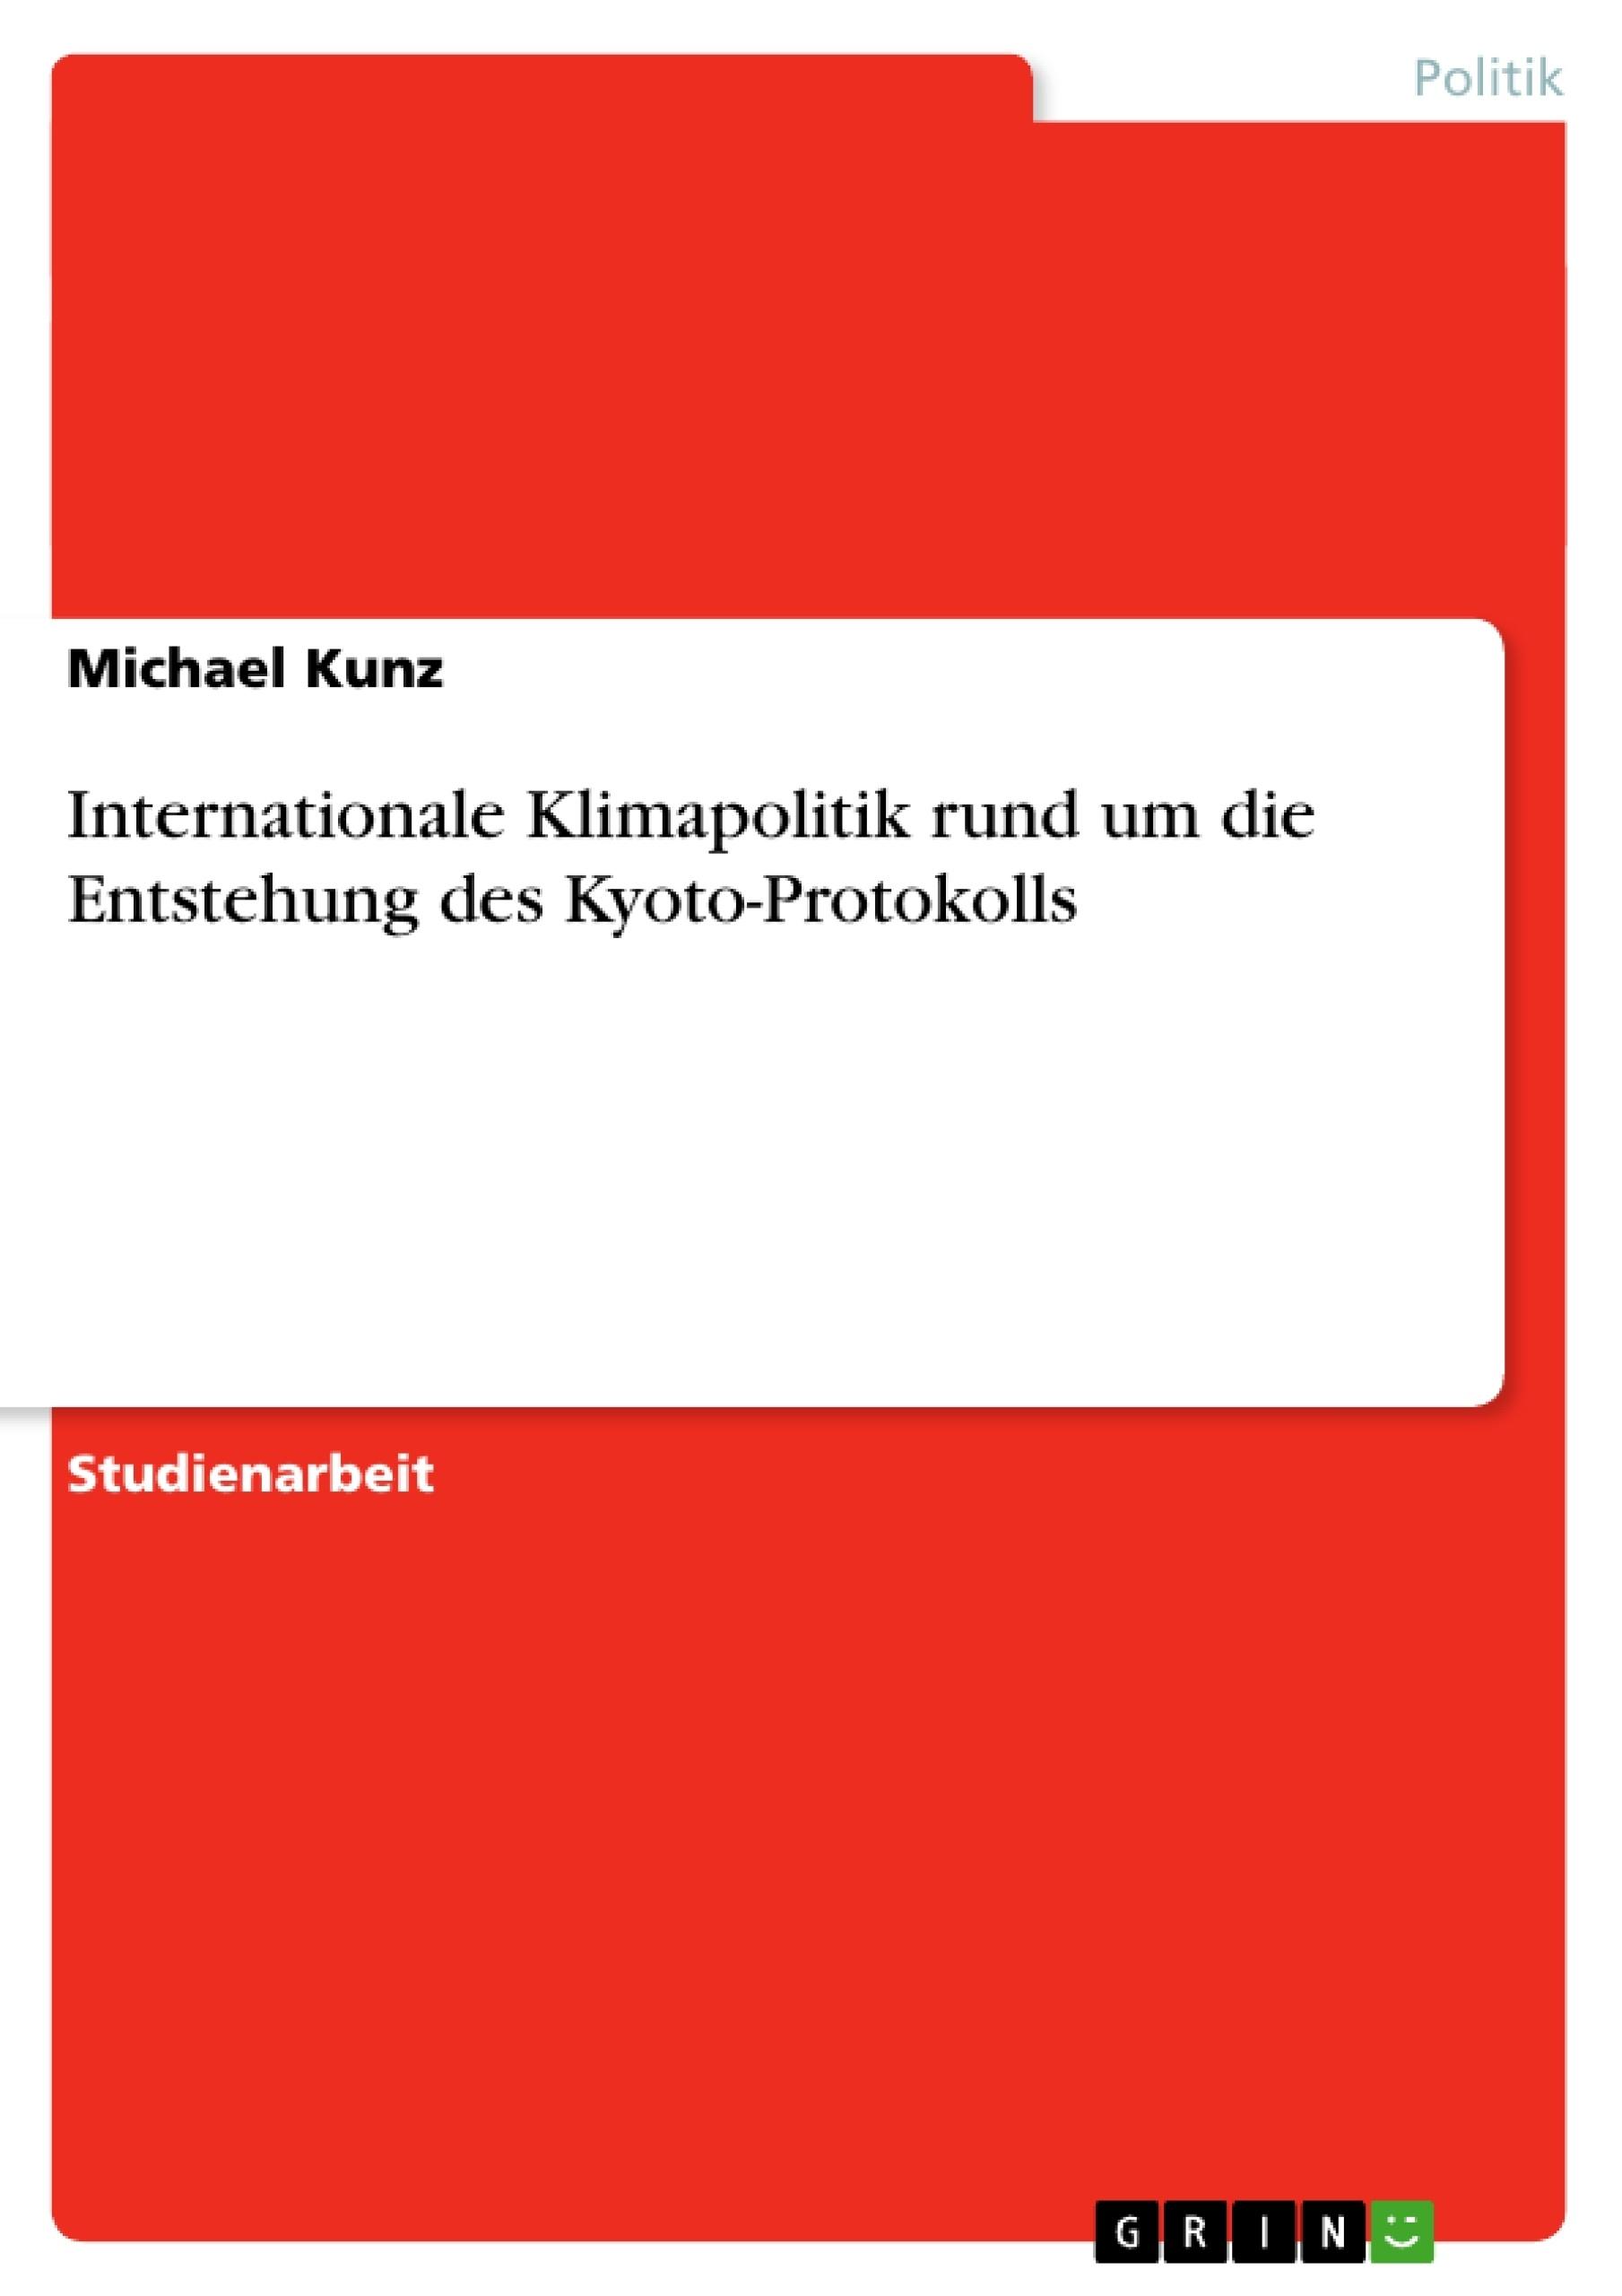 Titel: Internationale Klimapolitik rund um die Entstehung des Kyoto-Protokolls